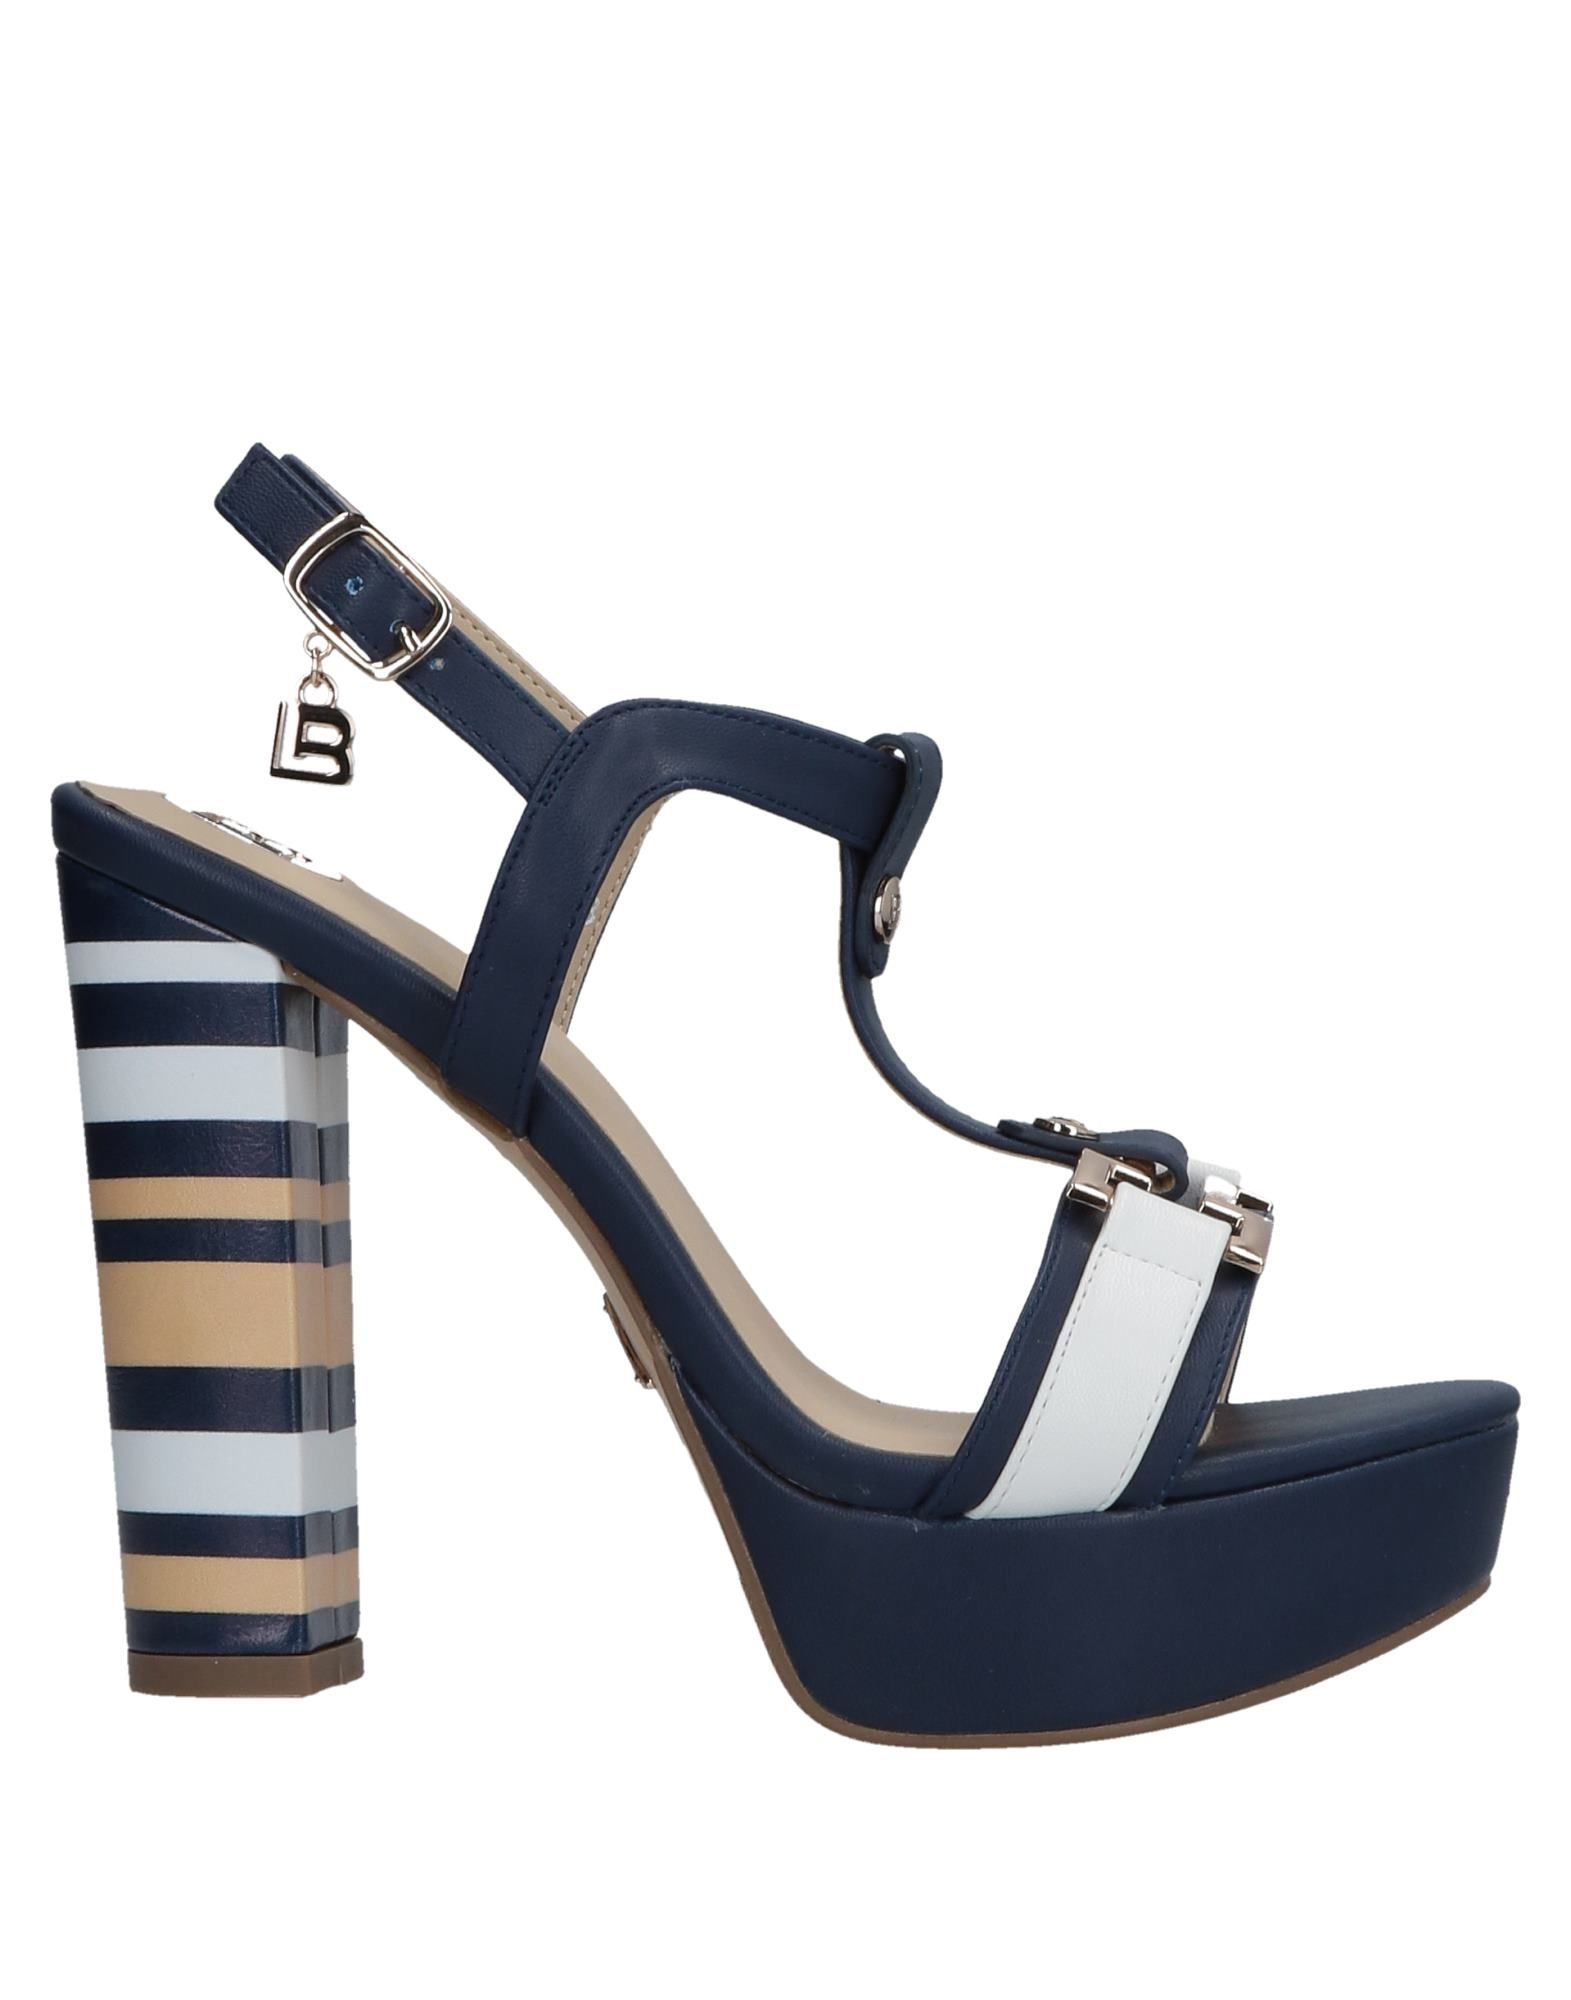 Laura Biagiotti Biagiotti Sandals - Women Laura Biagiotti Biagiotti Sandals online on  Australia - 11566447HE 506986